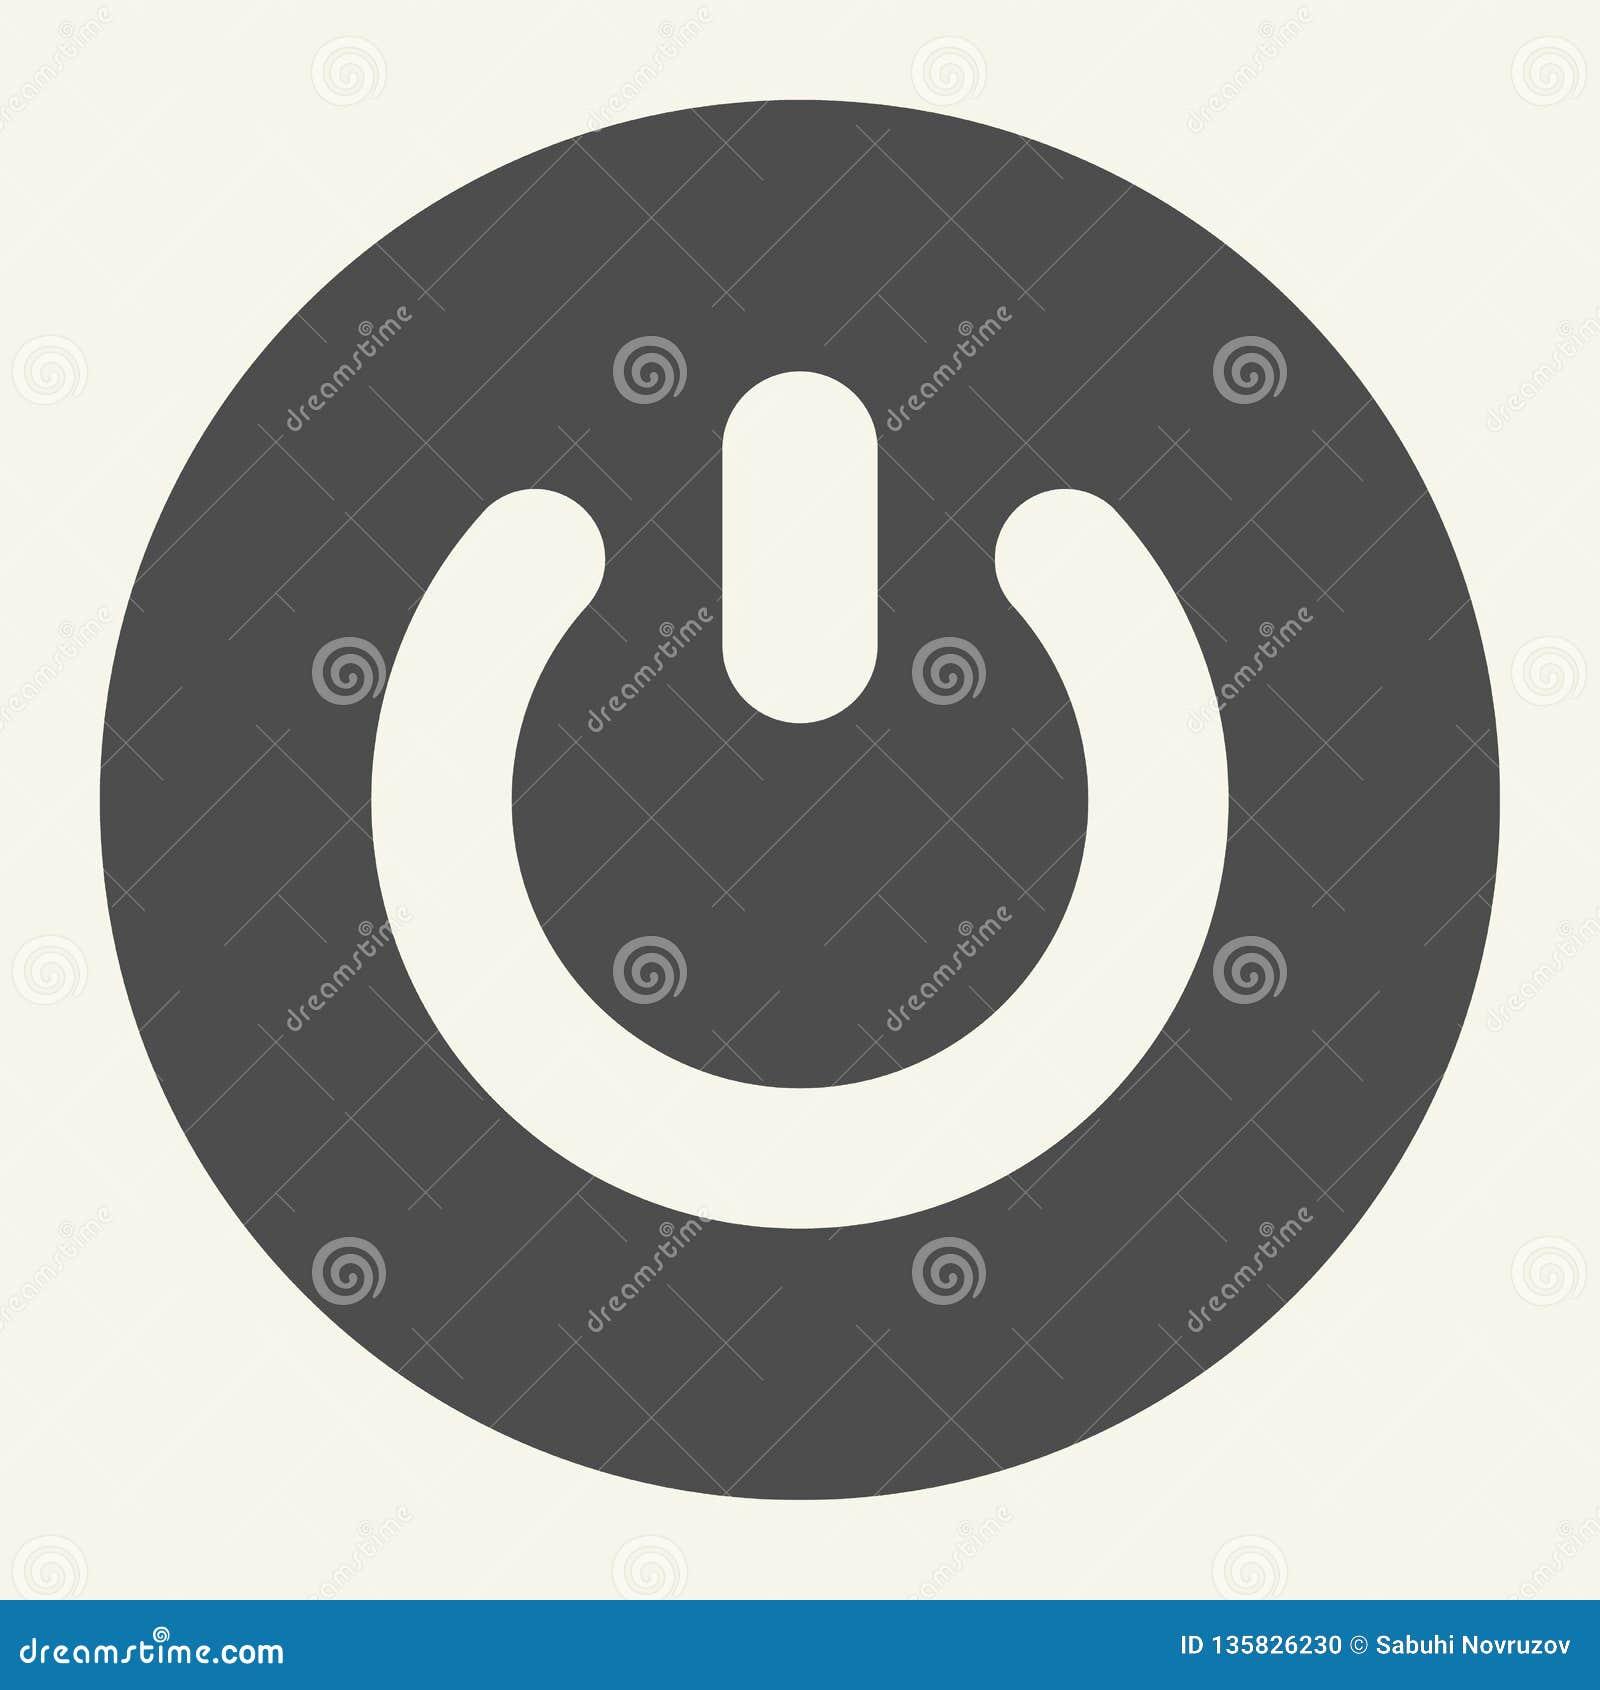 Feste Ikone des An-/Aus-Schalter Schaltervektorillustration lokalisiert auf Weiß Auf weg vom Knopf Glyph-Artentwurf entworfen für